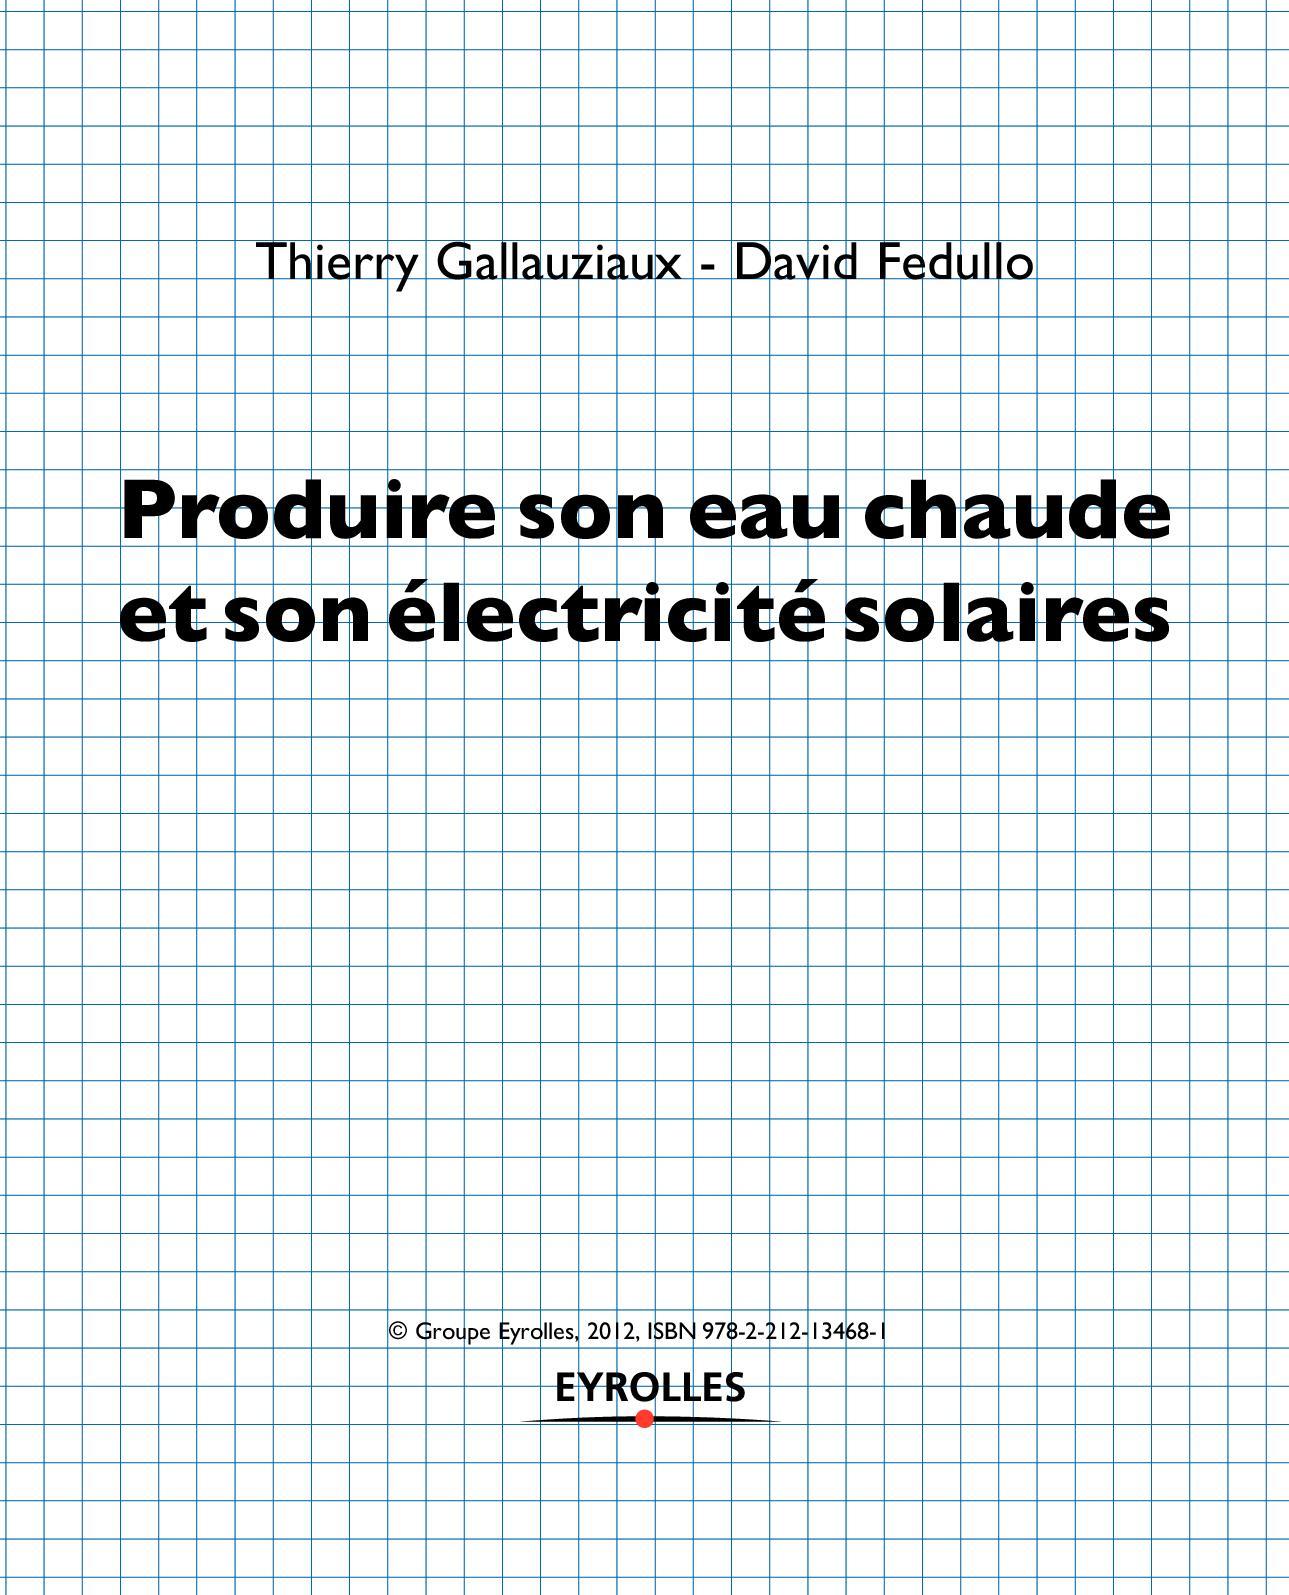 Produire son eau chaude et son électricité solaires - TDM_Gallauziaux.pdf